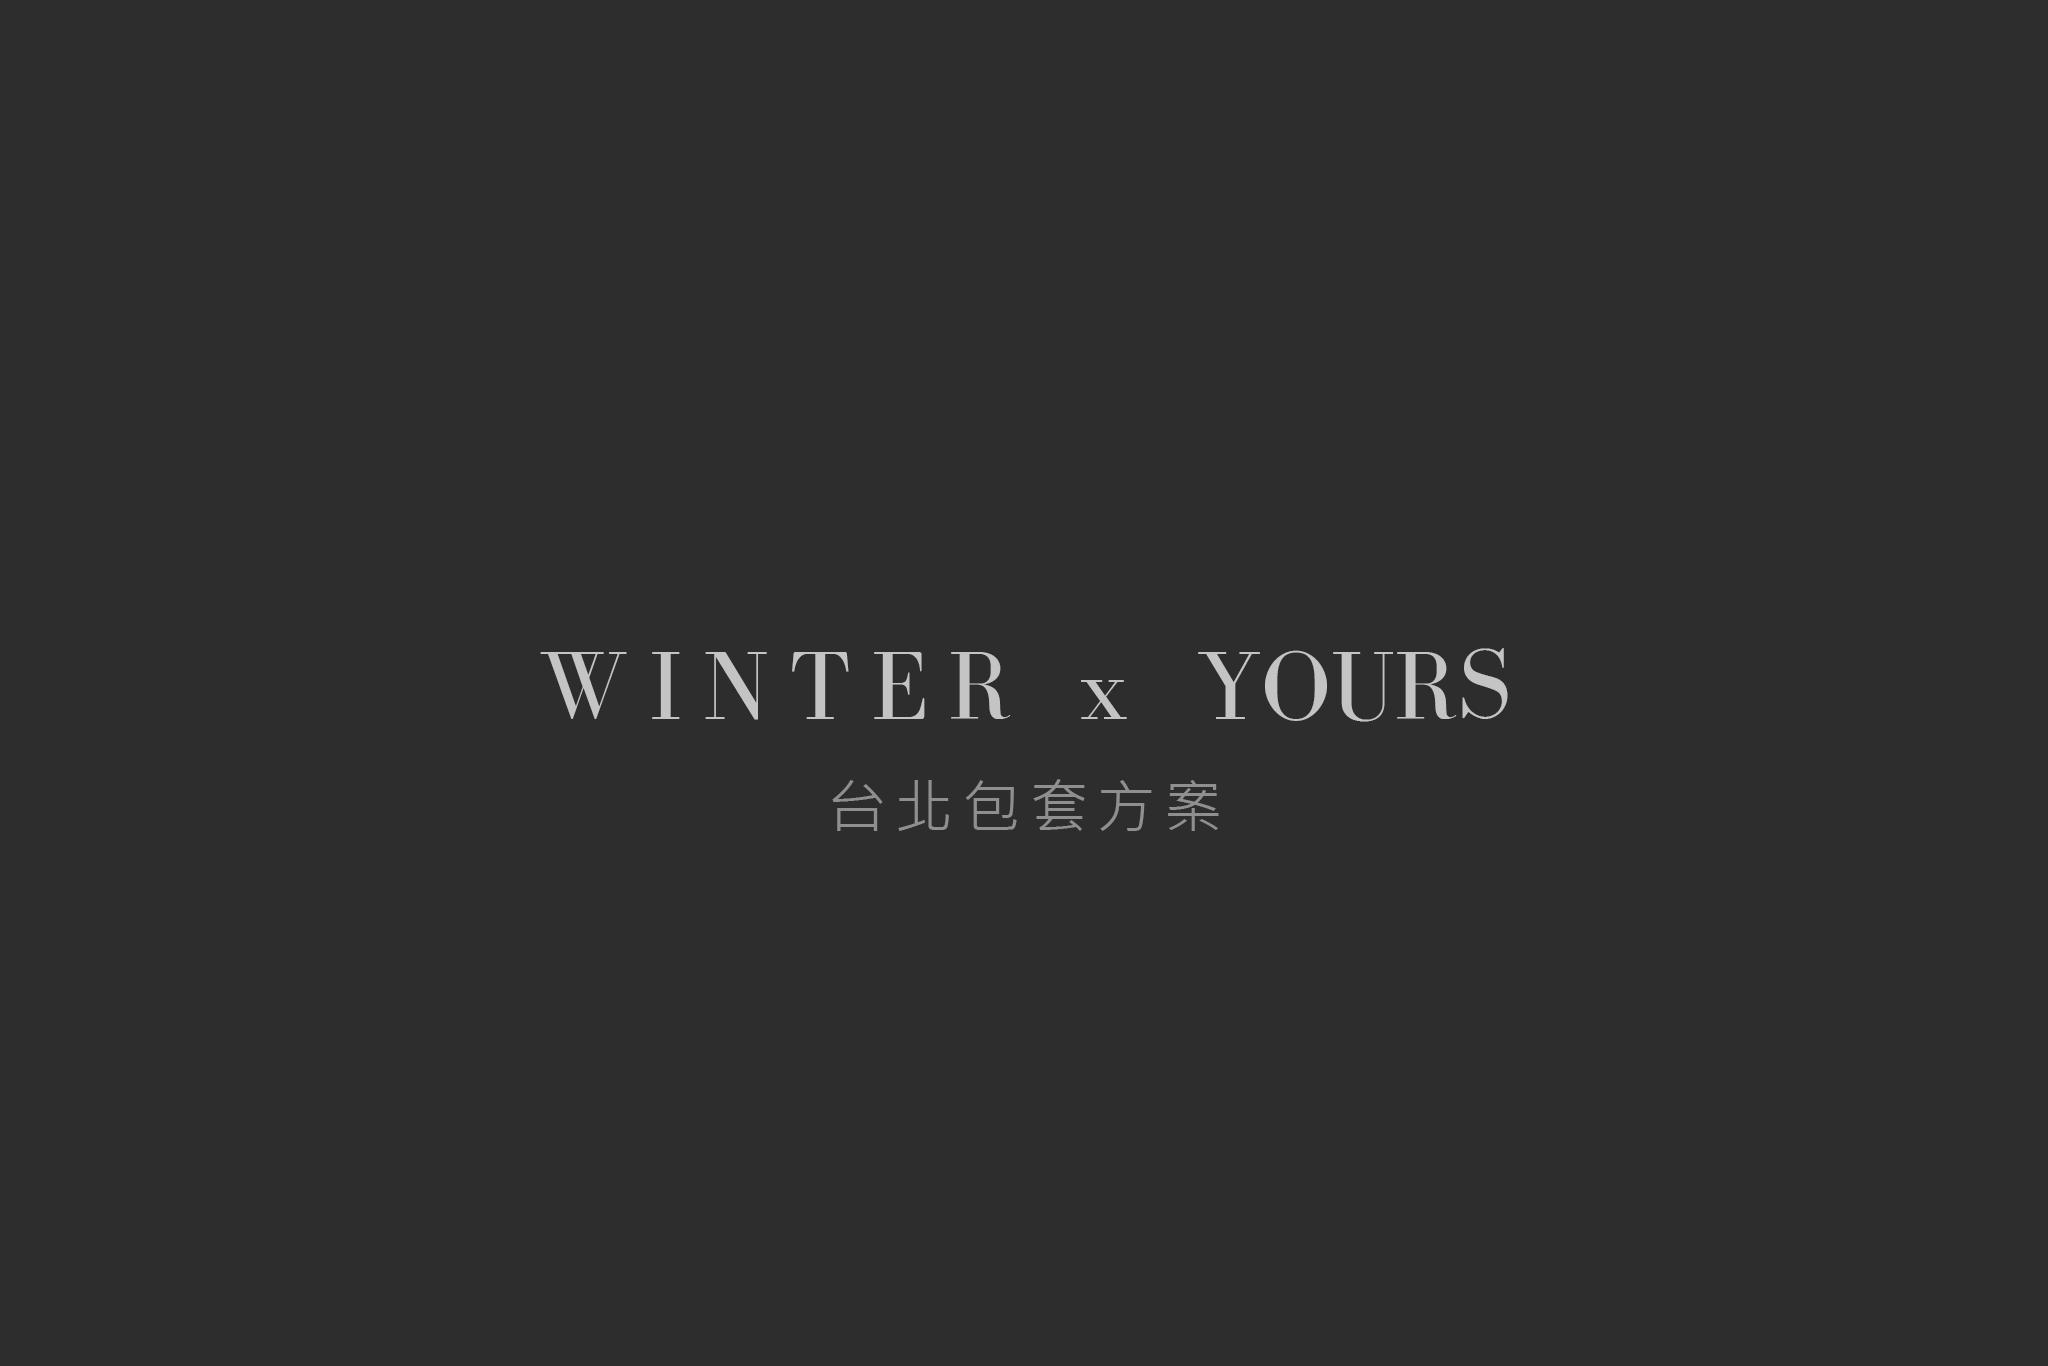 台北|WINTER x Yours  包套方案